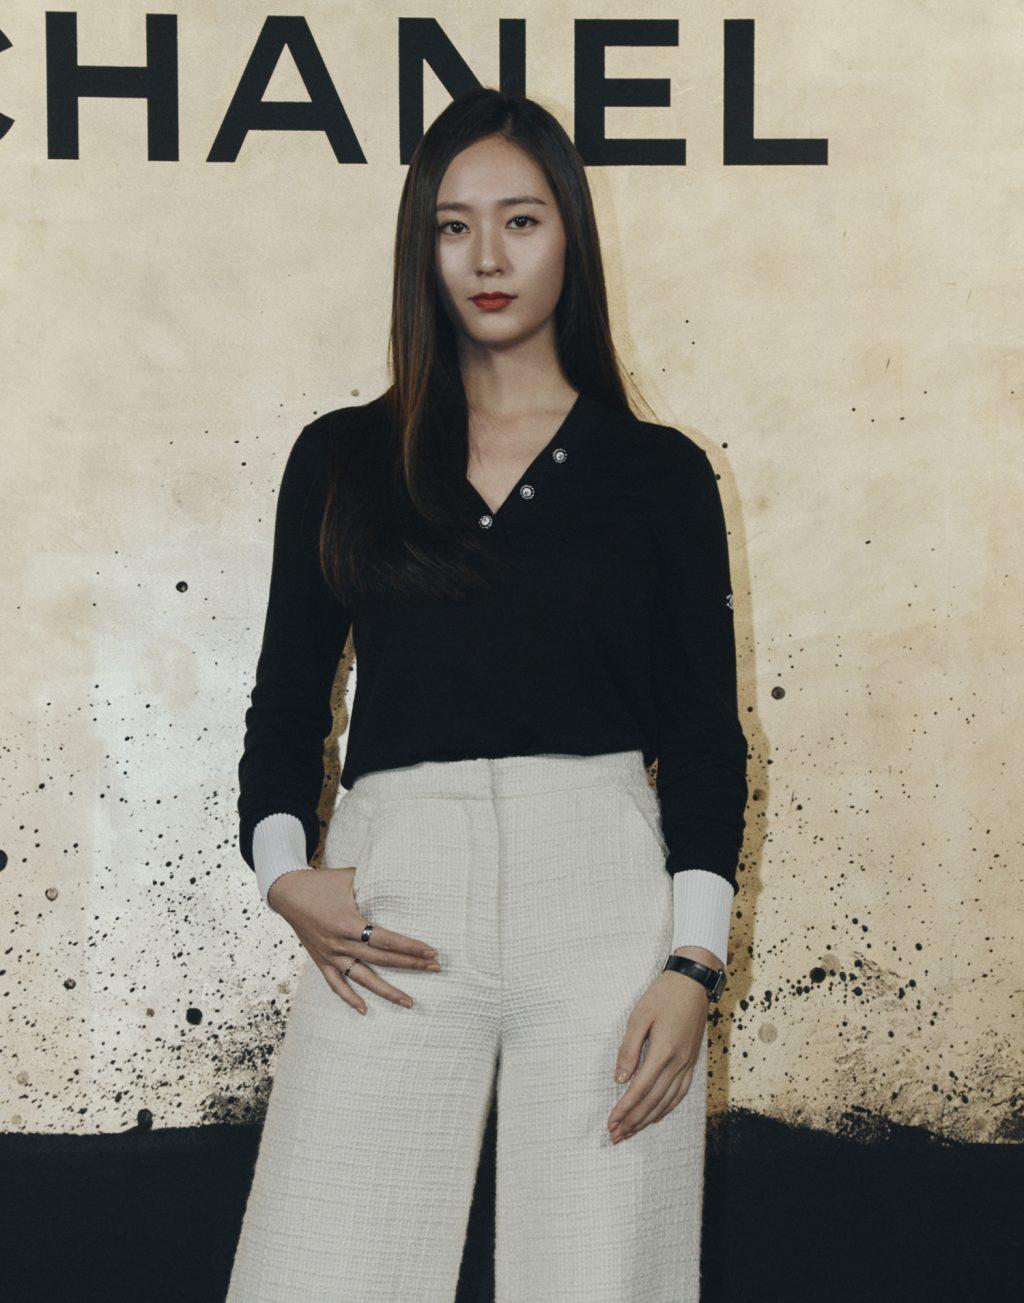 krystal jung mặc áo len tay dài màu đen và quần vải tweed trắng